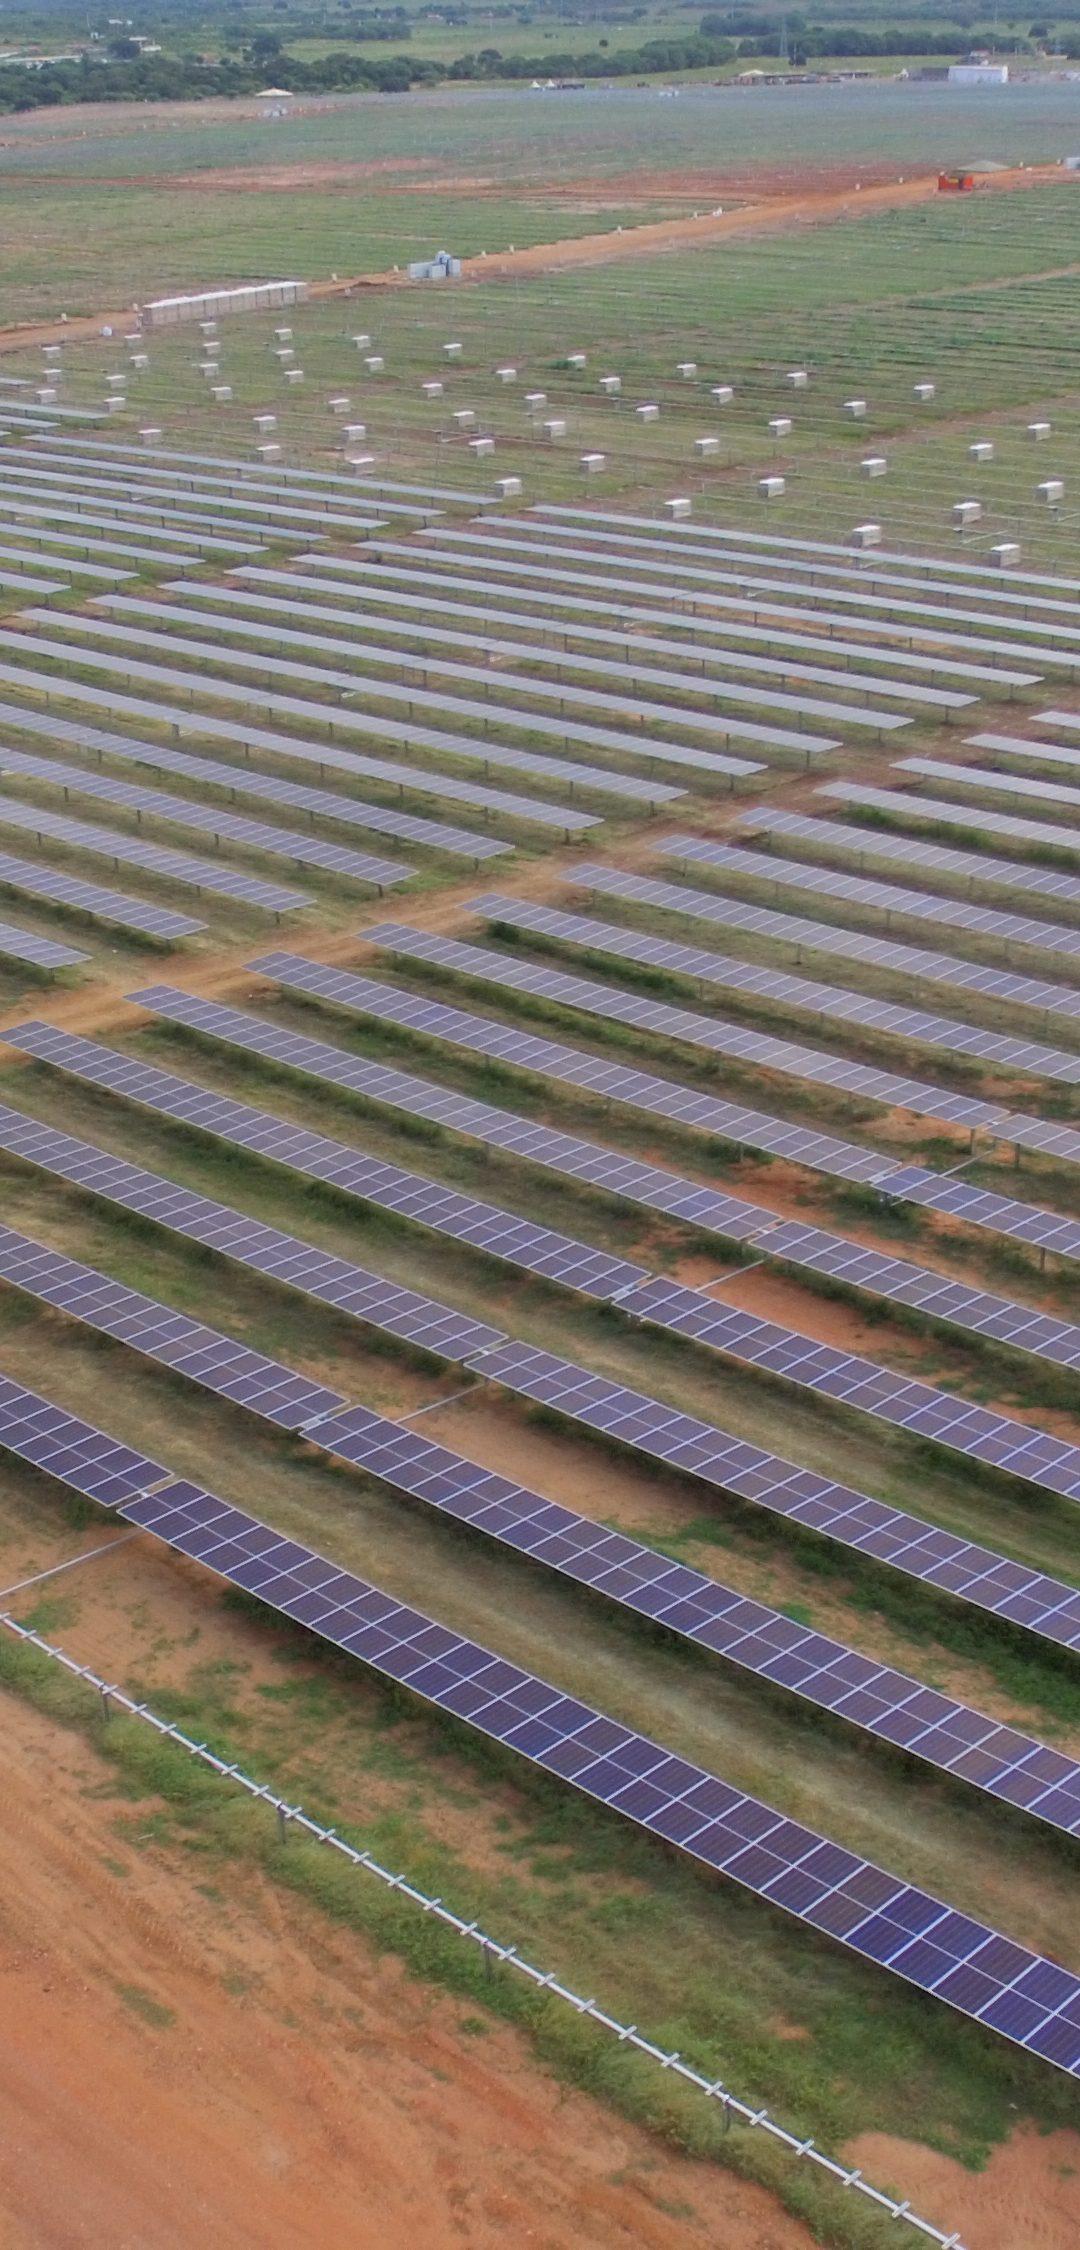 Obra Parque Solar Brígida está em ritmo acelerado de execução